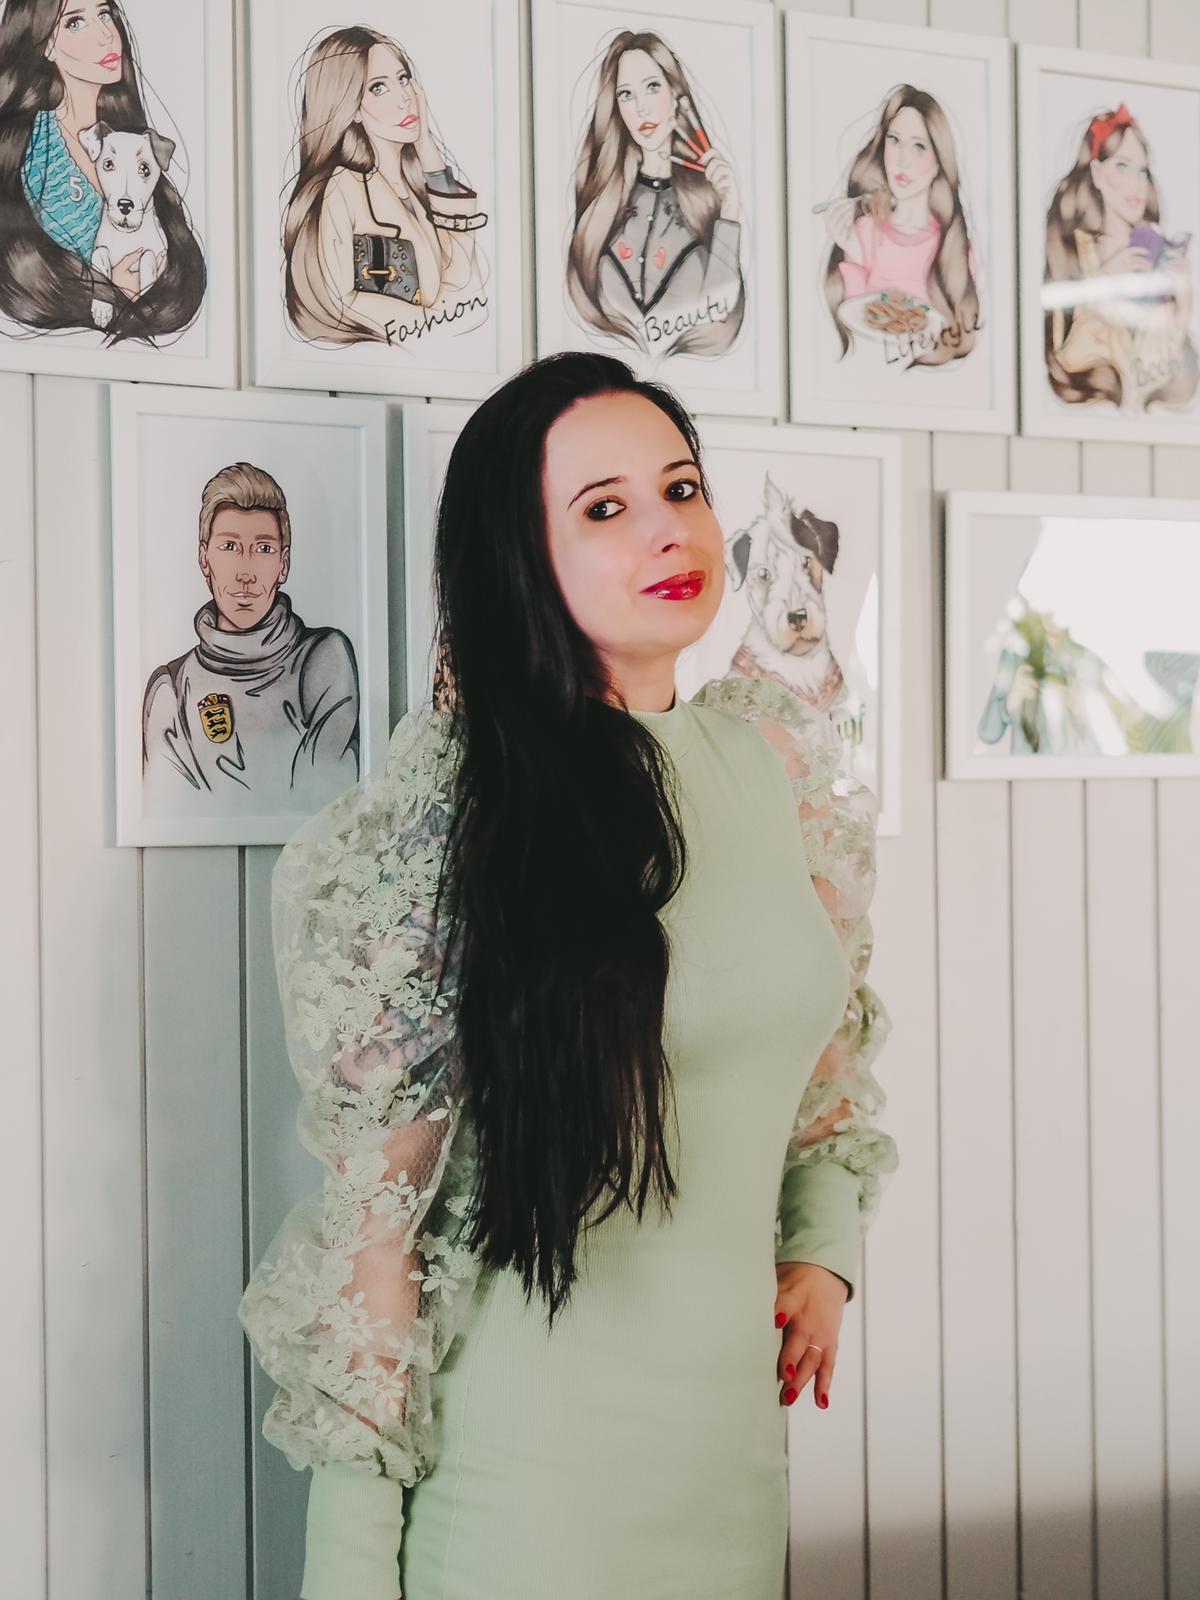 Tolles lindgrünes Kleid von Femmeluxefinery